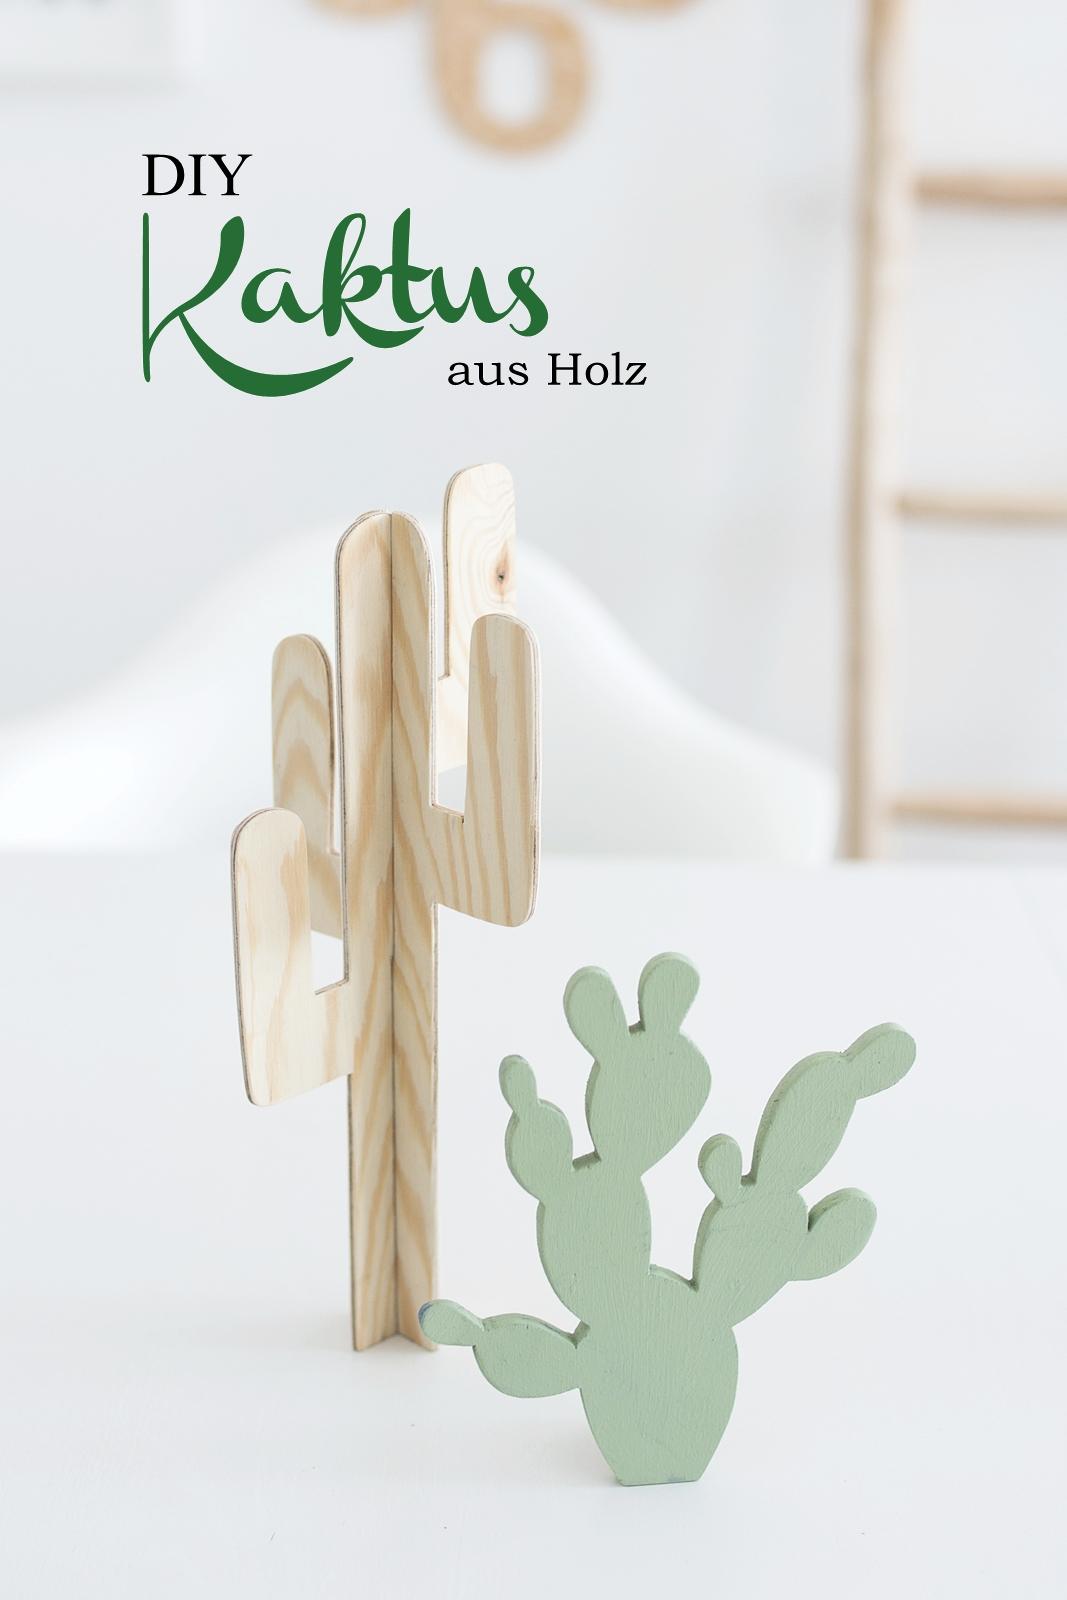 diy kaktus aus holz vorlagen sinnenrausch der kreative diy blog f r wohnsinnige und. Black Bedroom Furniture Sets. Home Design Ideas